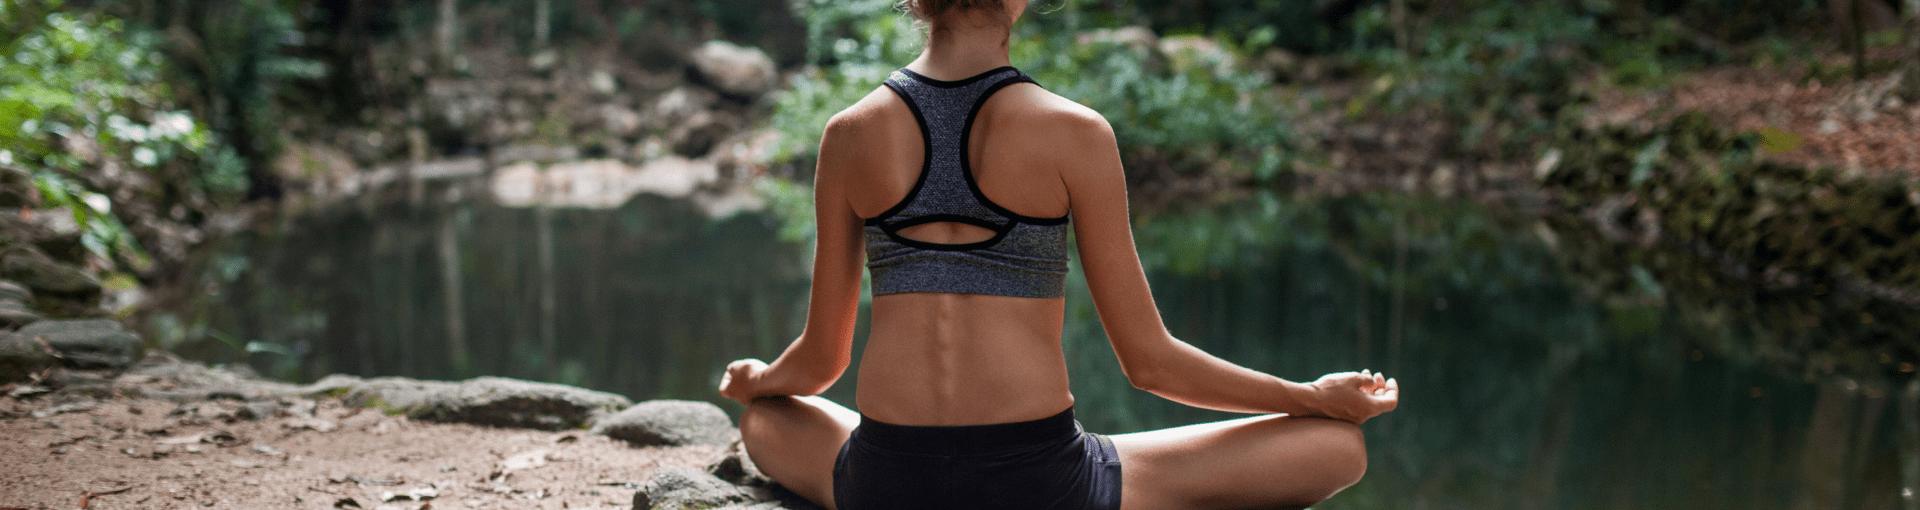 tuscia yoga